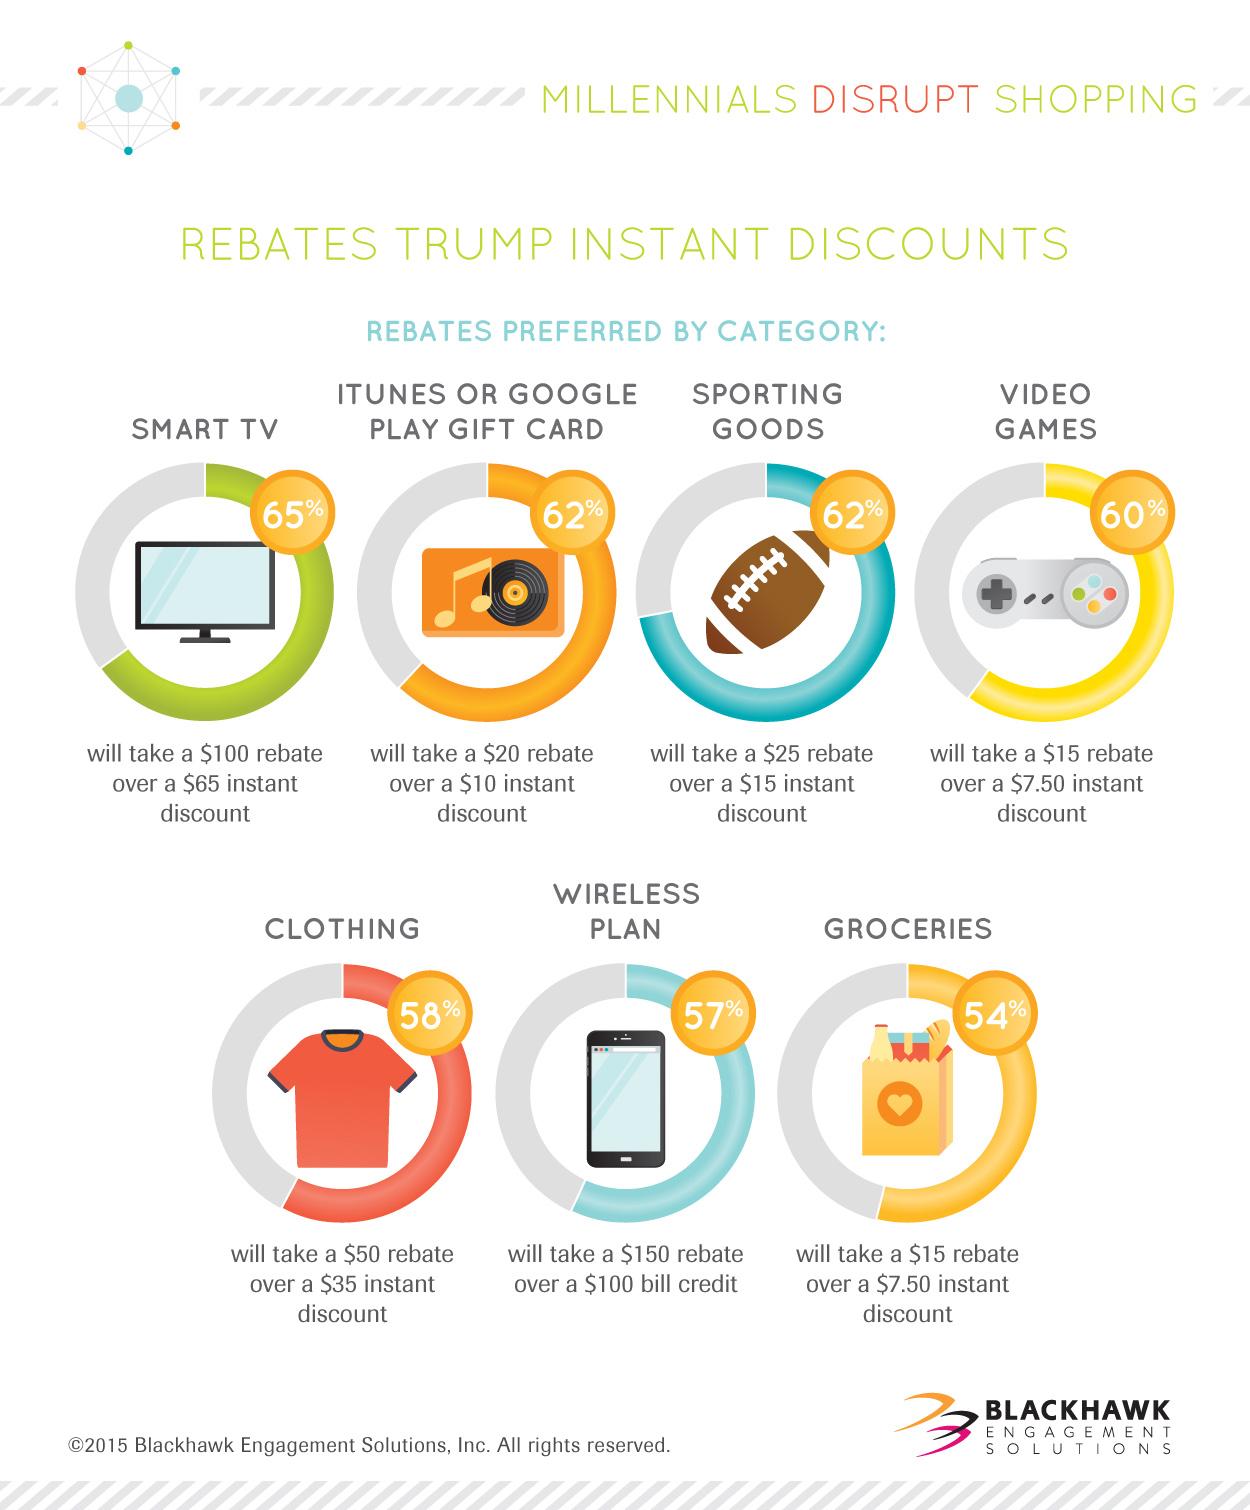 Rebates are preferred for different retail segments.